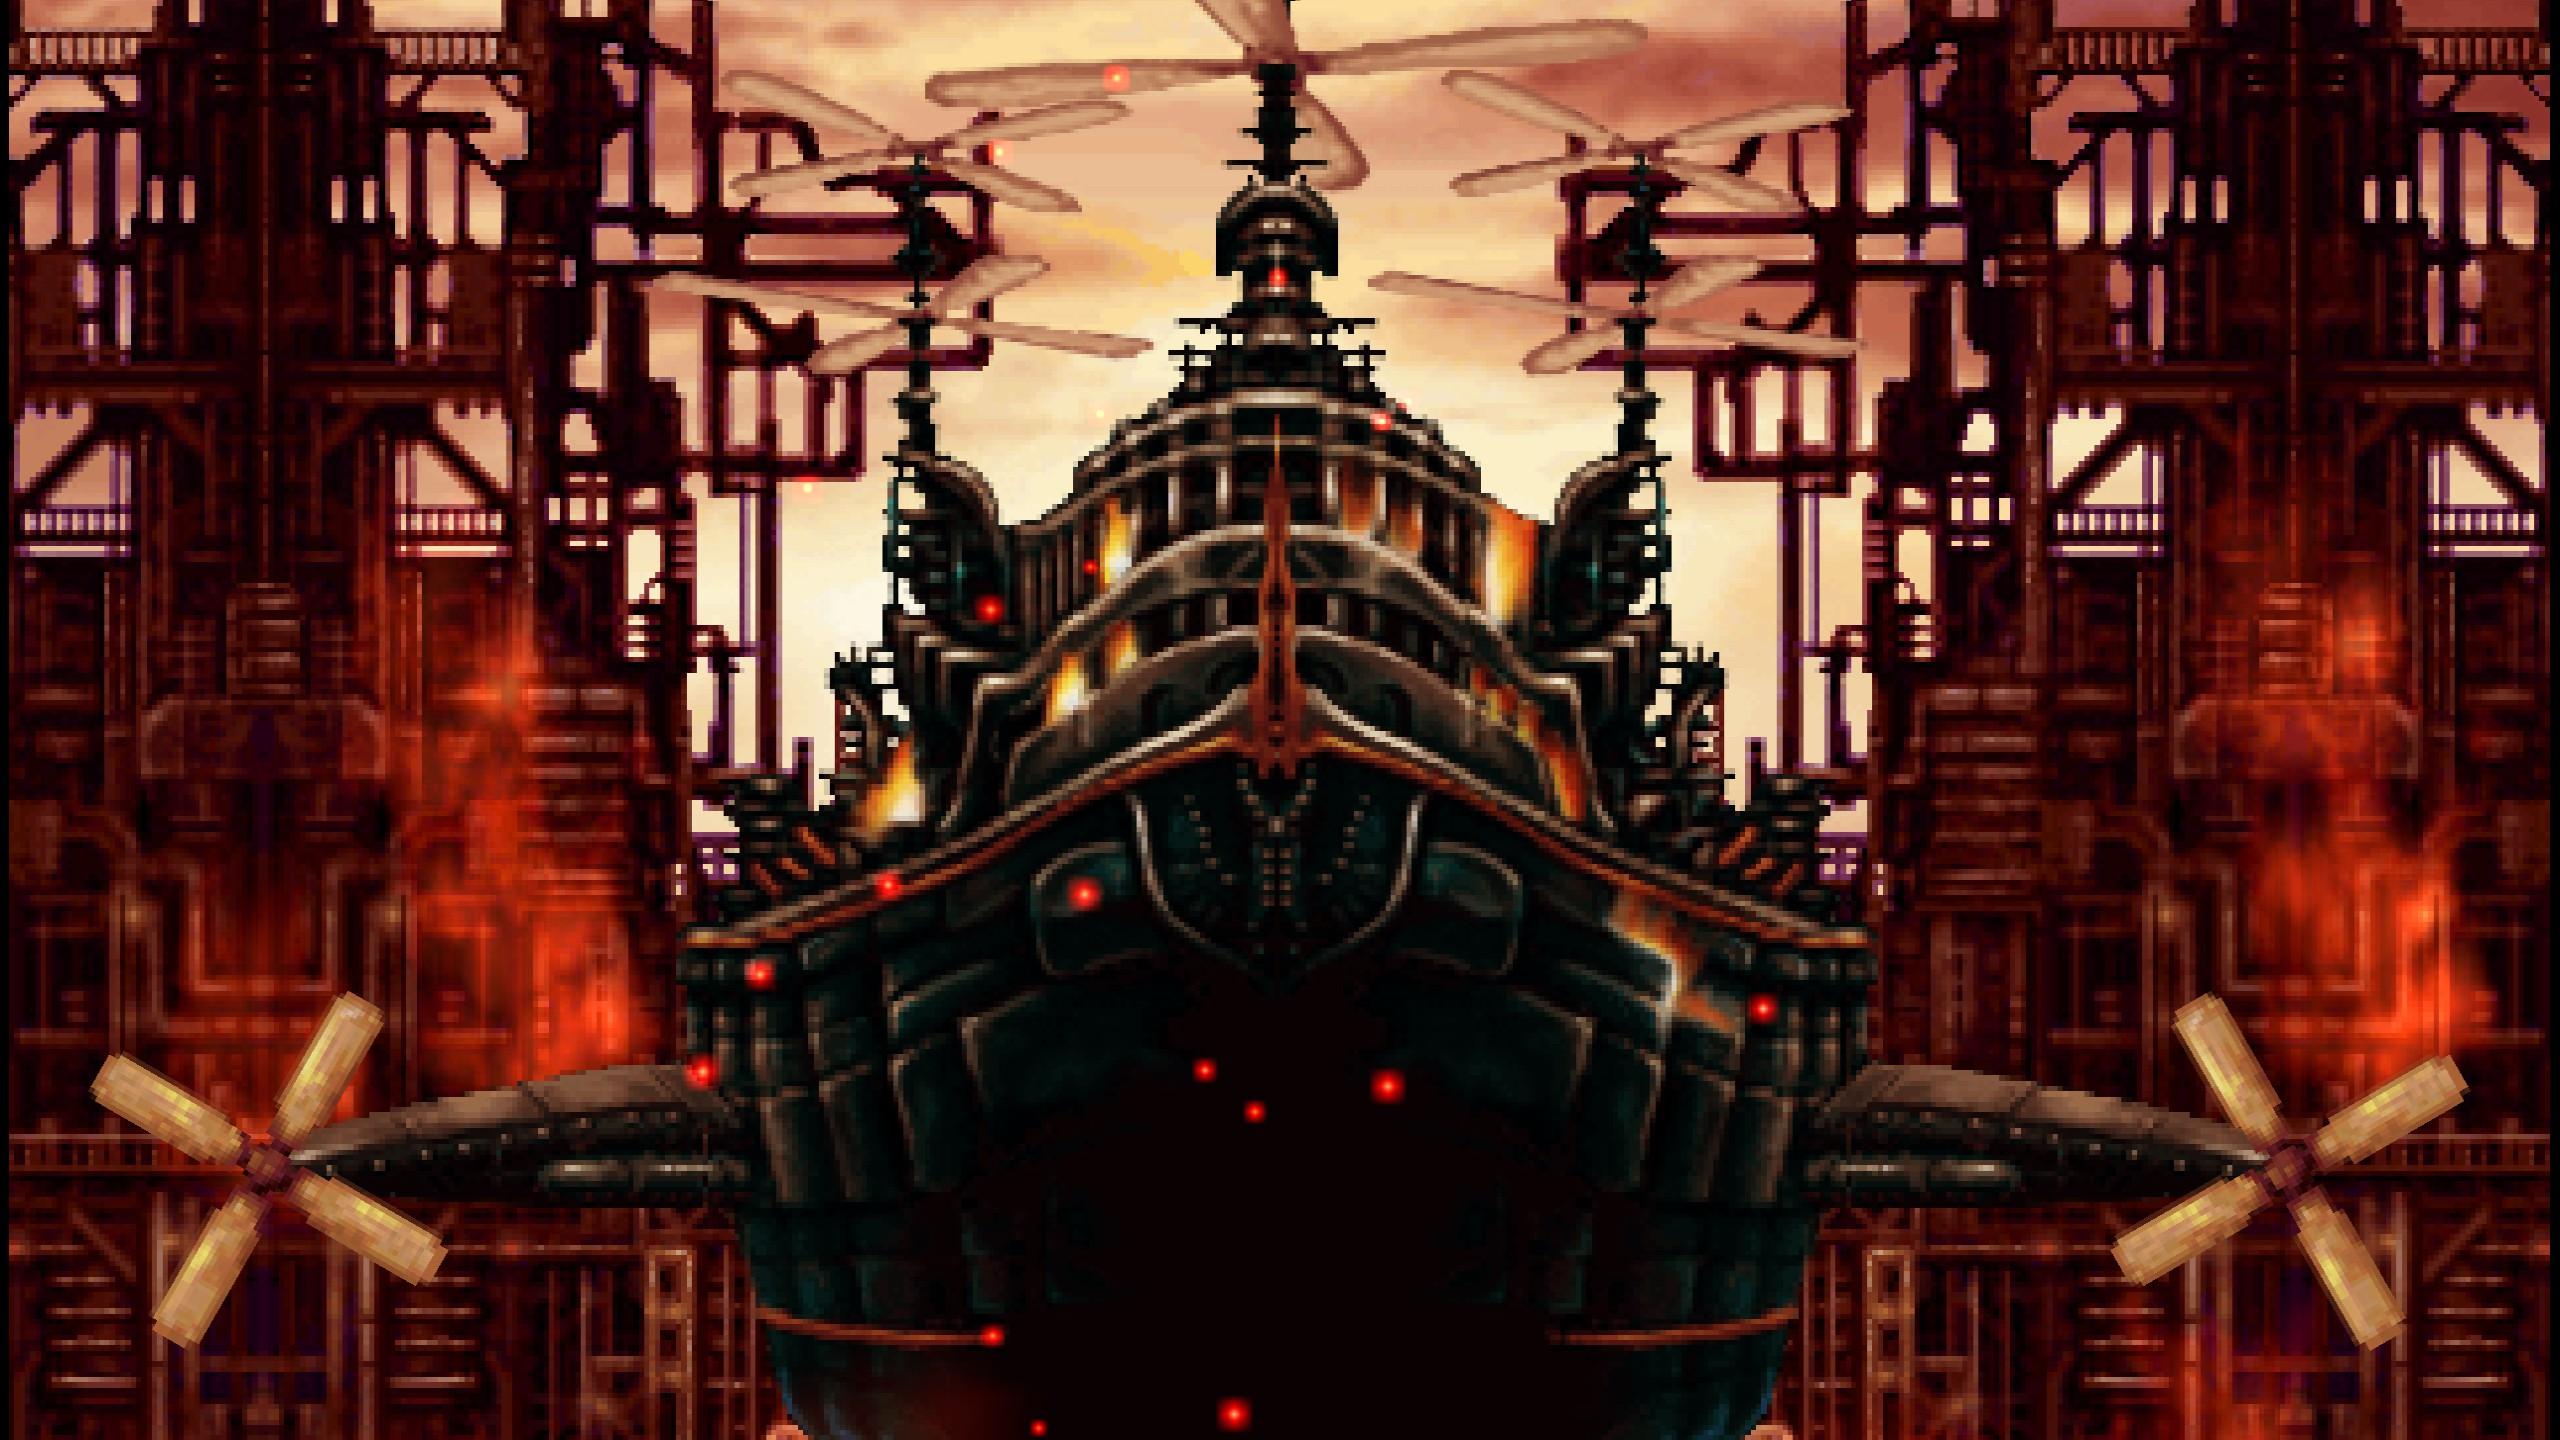 final fantasy ii airship